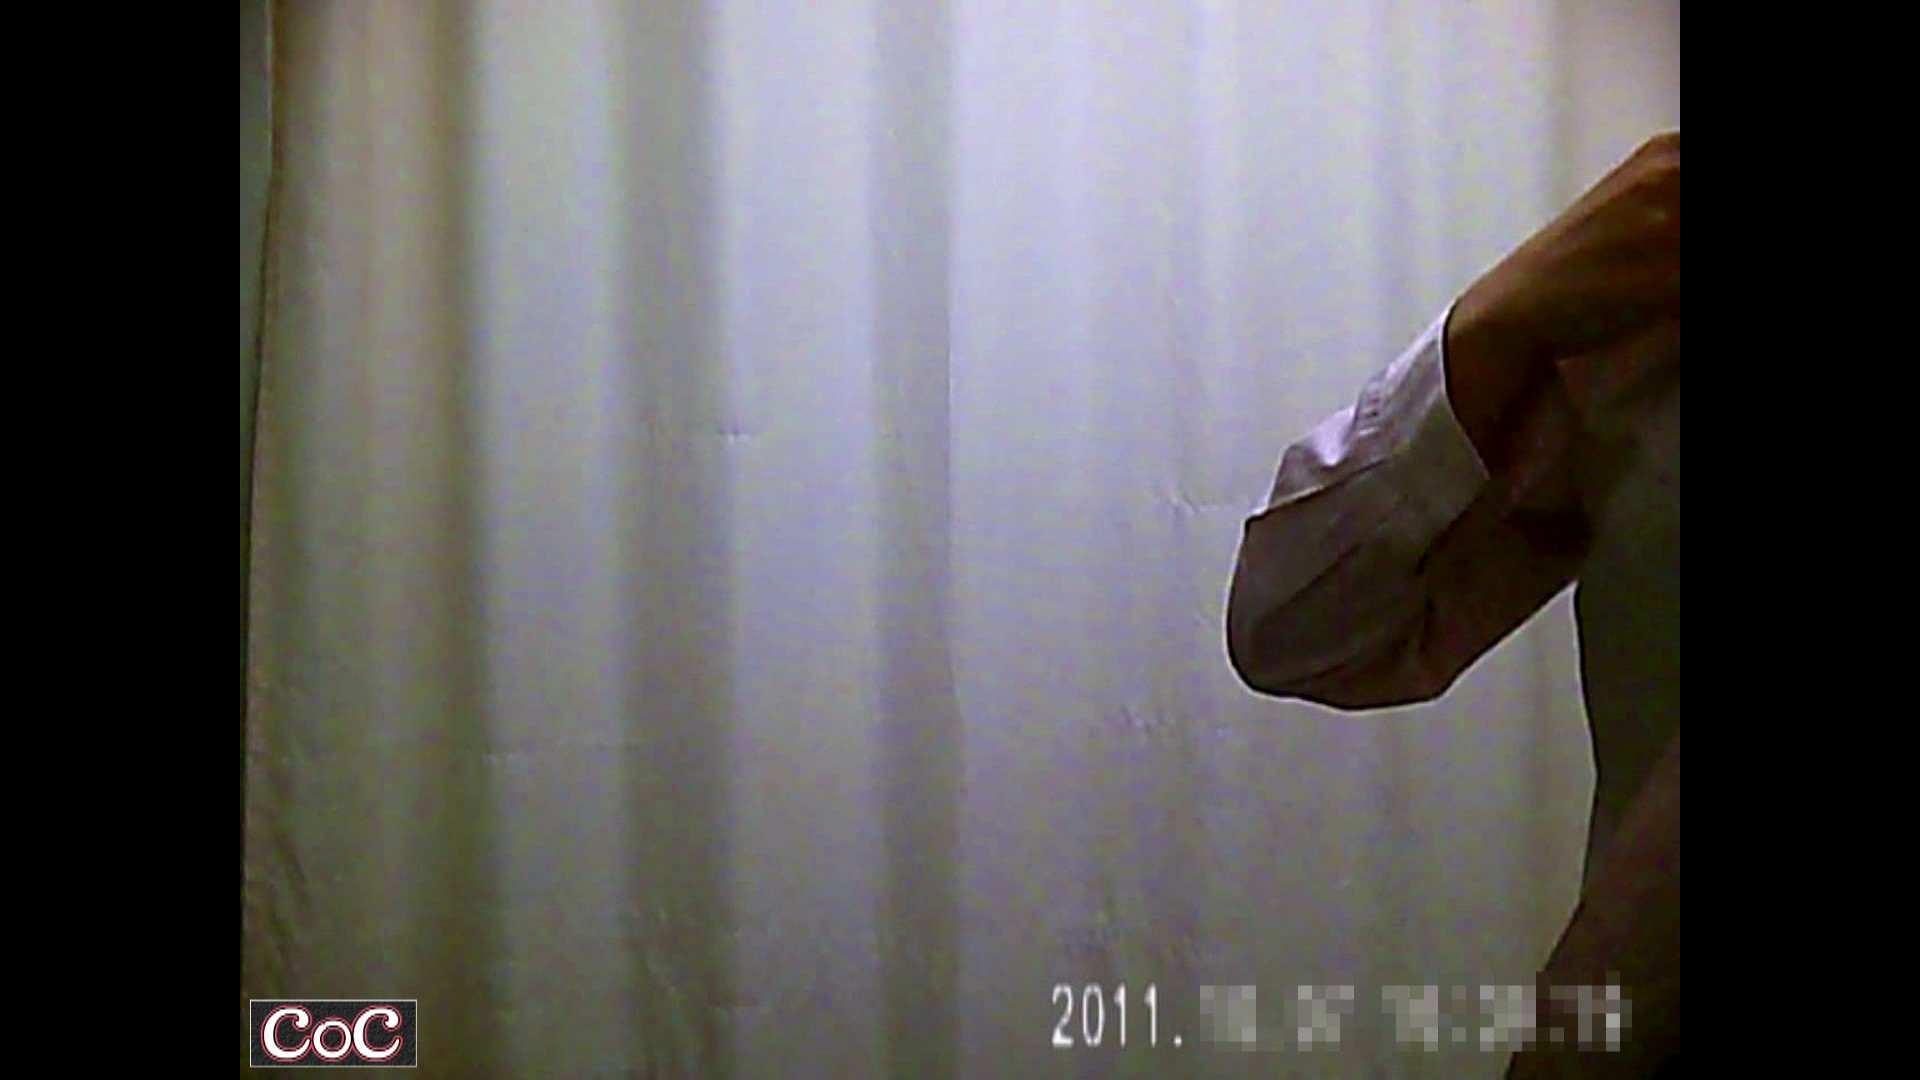 病院おもいっきり着替え! vol.53 おっぱい オマンコ無修正動画無料 71画像 44